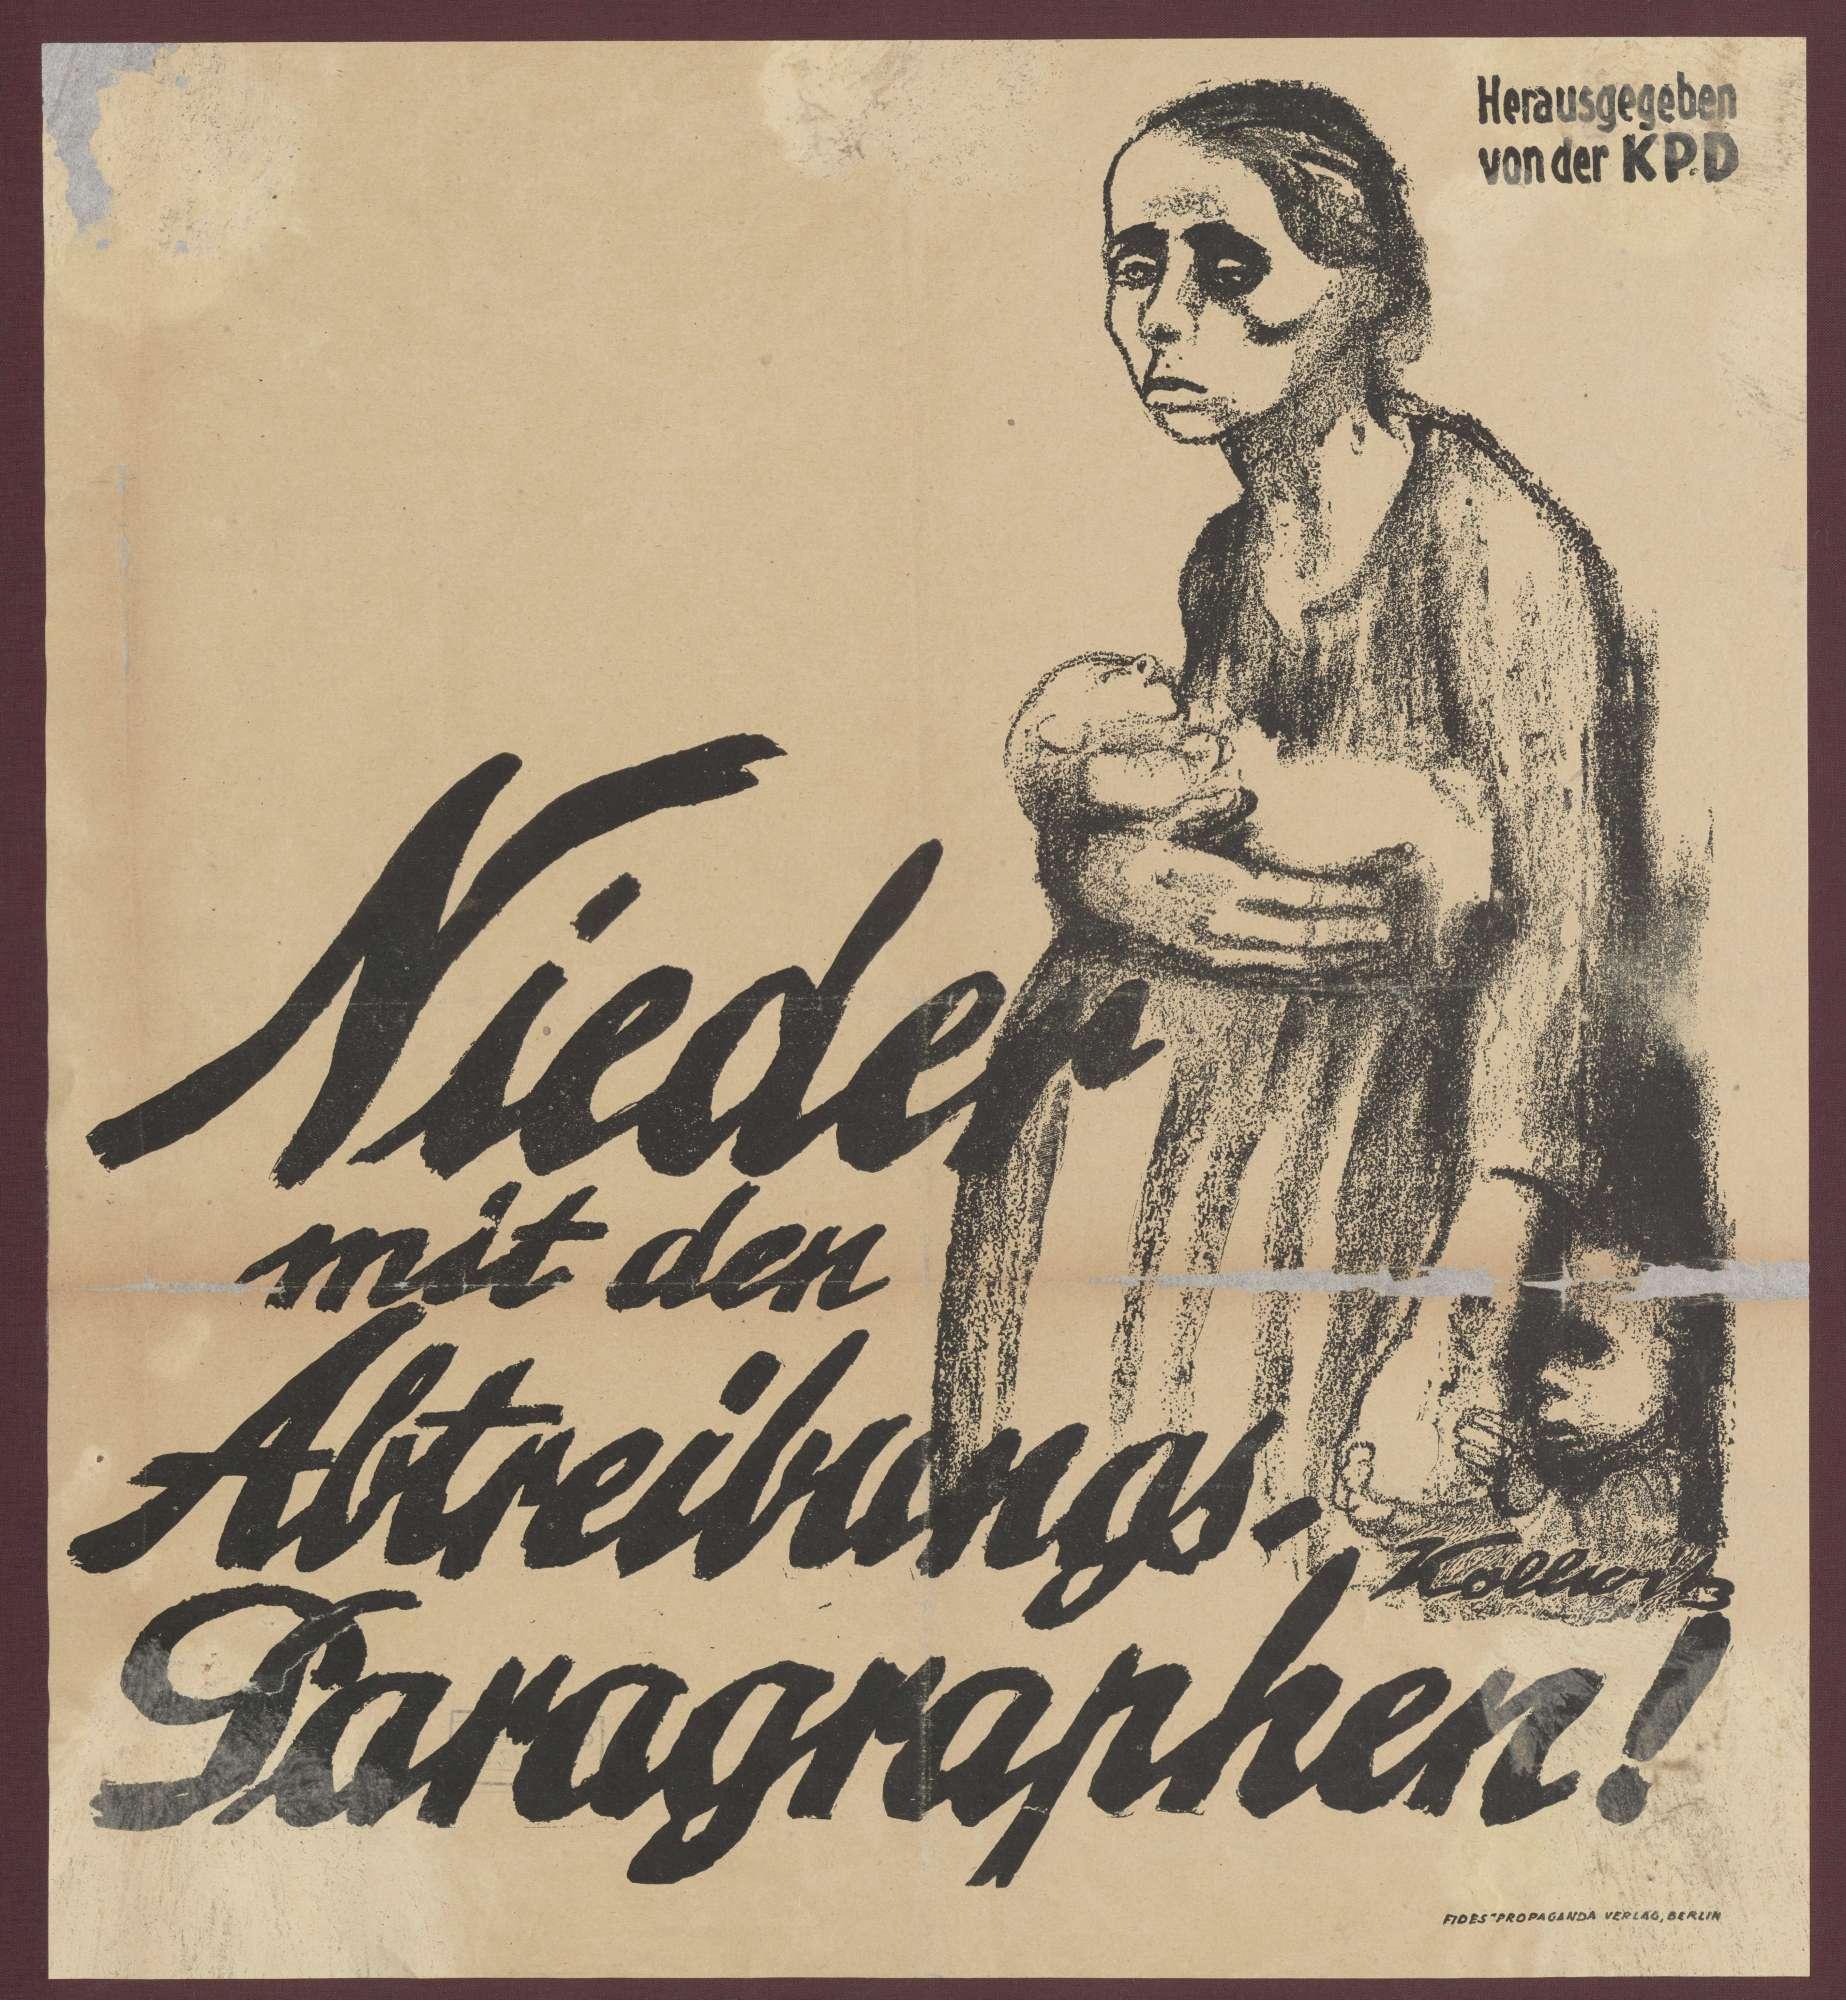 """""""Nieder mit dem Abtreibungs-Paragraphen"""": Plakat der Kommunistischen Partei Deutschlands, Bild 1"""